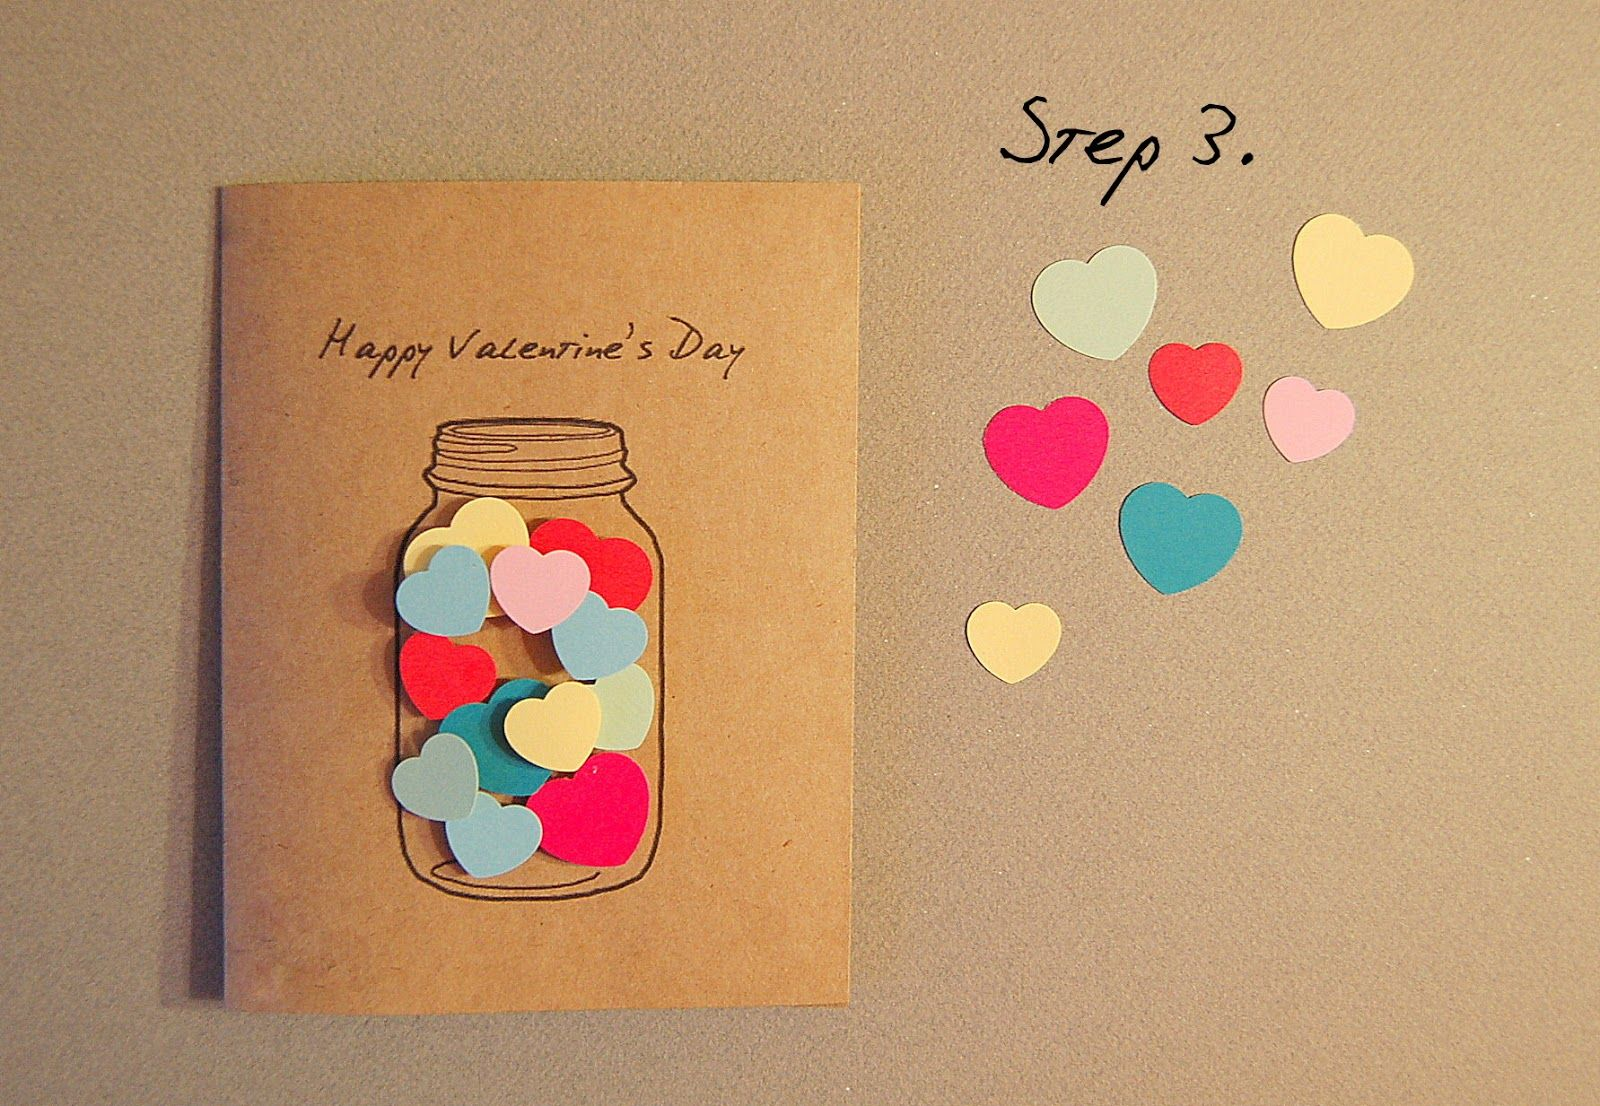 Как делать открытки своими руками для подруг